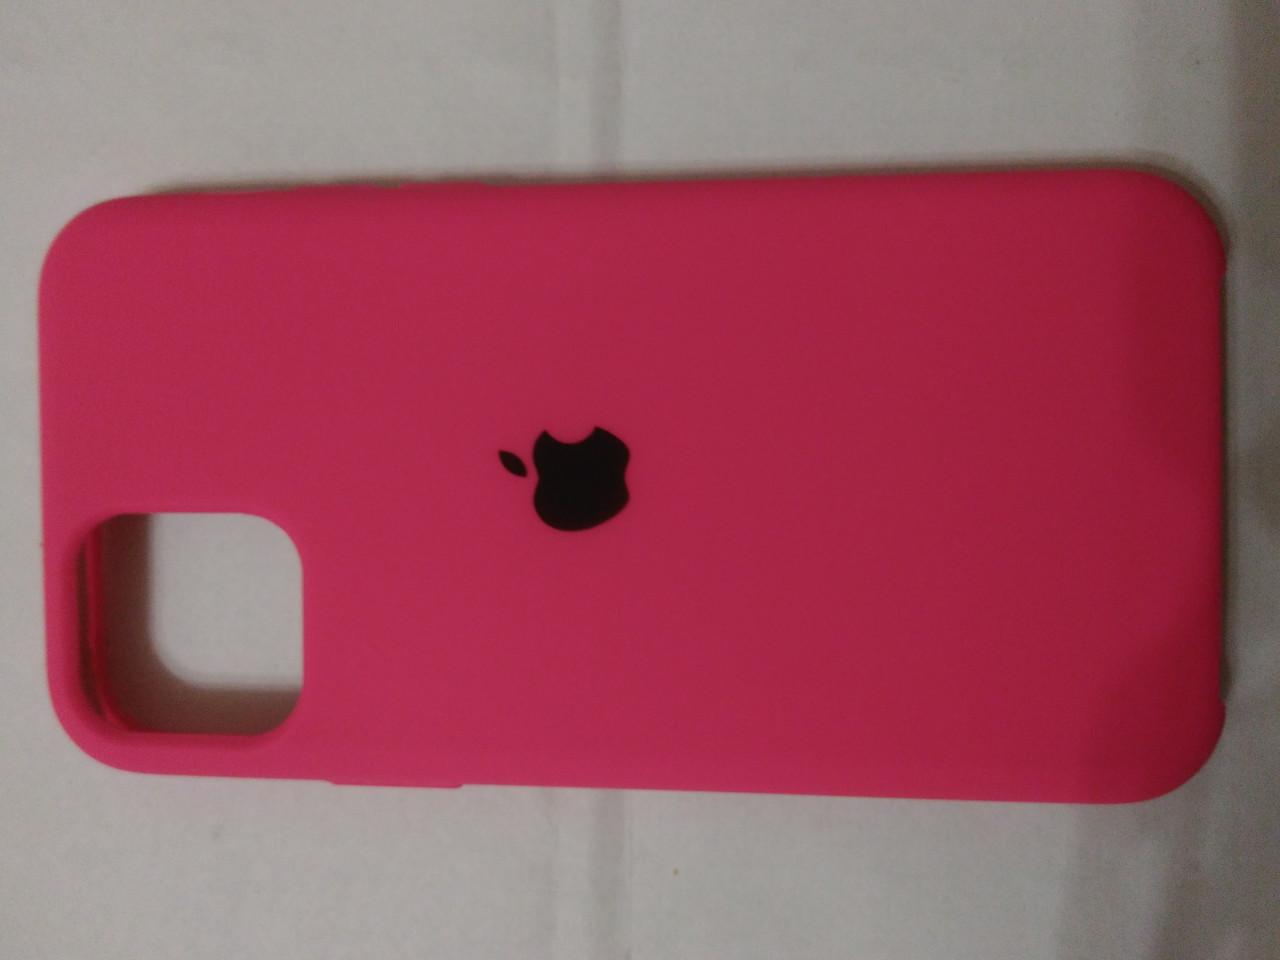 Накладка   Silicon Case Original  для  iPhone 11 Pro 2019  (красный)